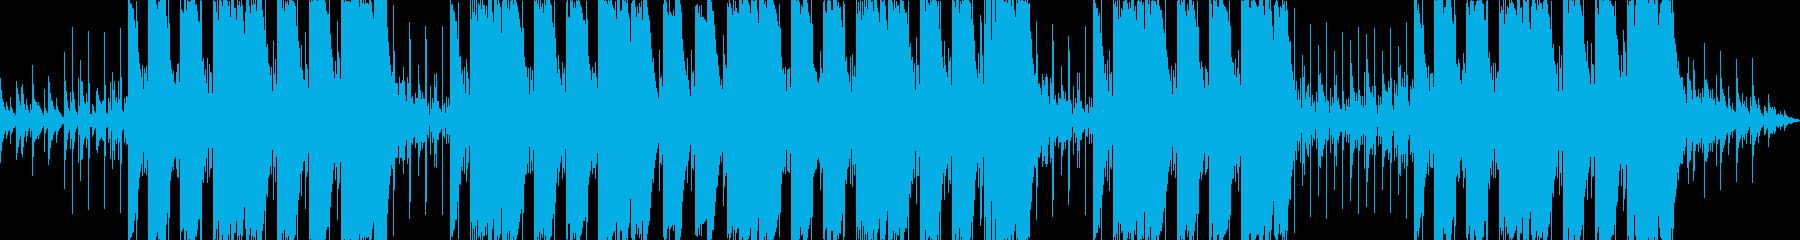 チルくてエモいシンセトラップの再生済みの波形